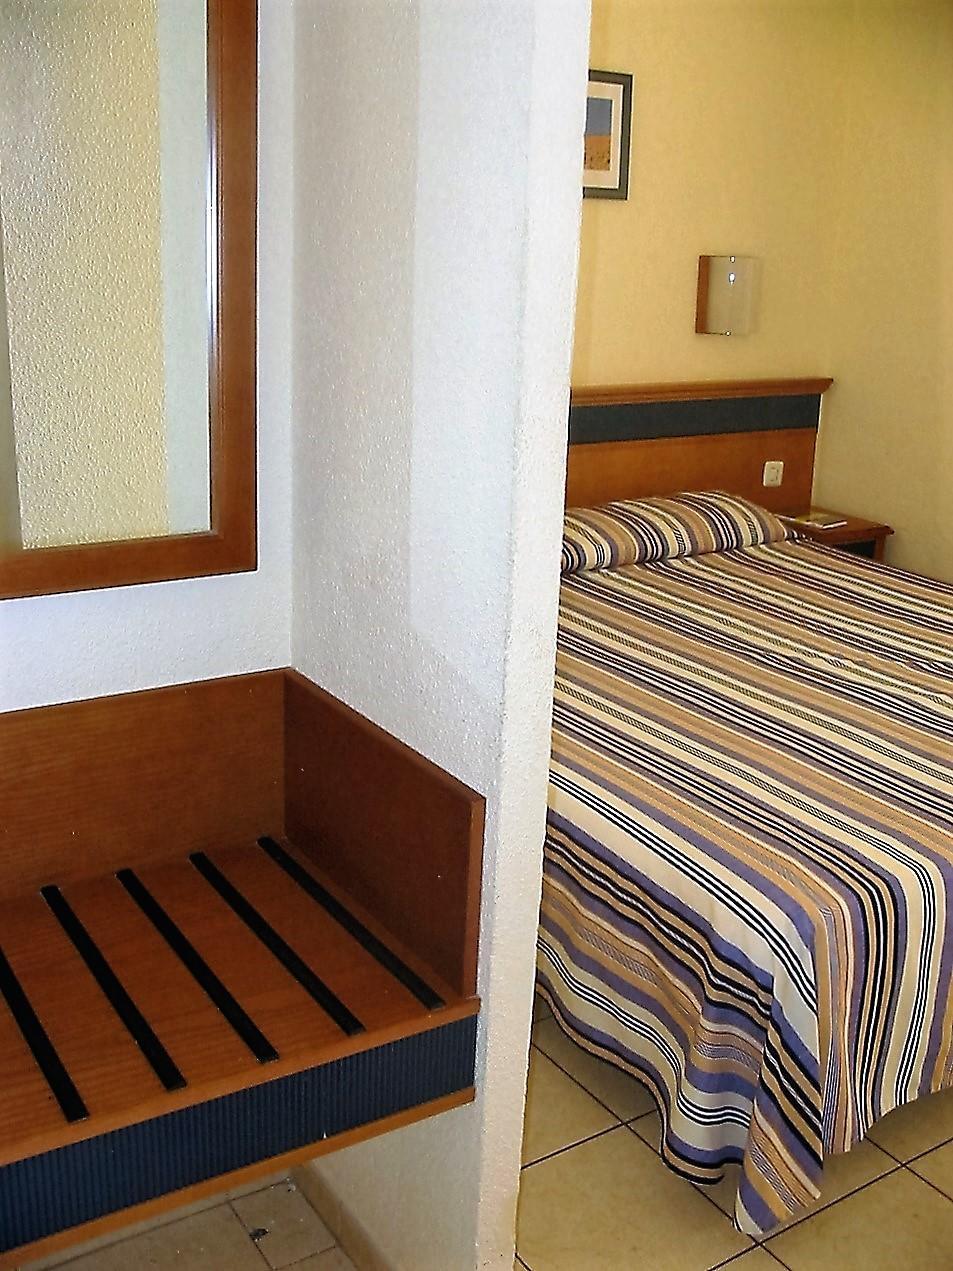 Ferienwohnung Apartment 2 / 4er Direkt am Meer, mit Blick auf den Strand, Schwimmbäder, ausgestattet. WI (487787), Morro Jable, Fuerteventura, Kanarische Inseln, Spanien, Bild 12